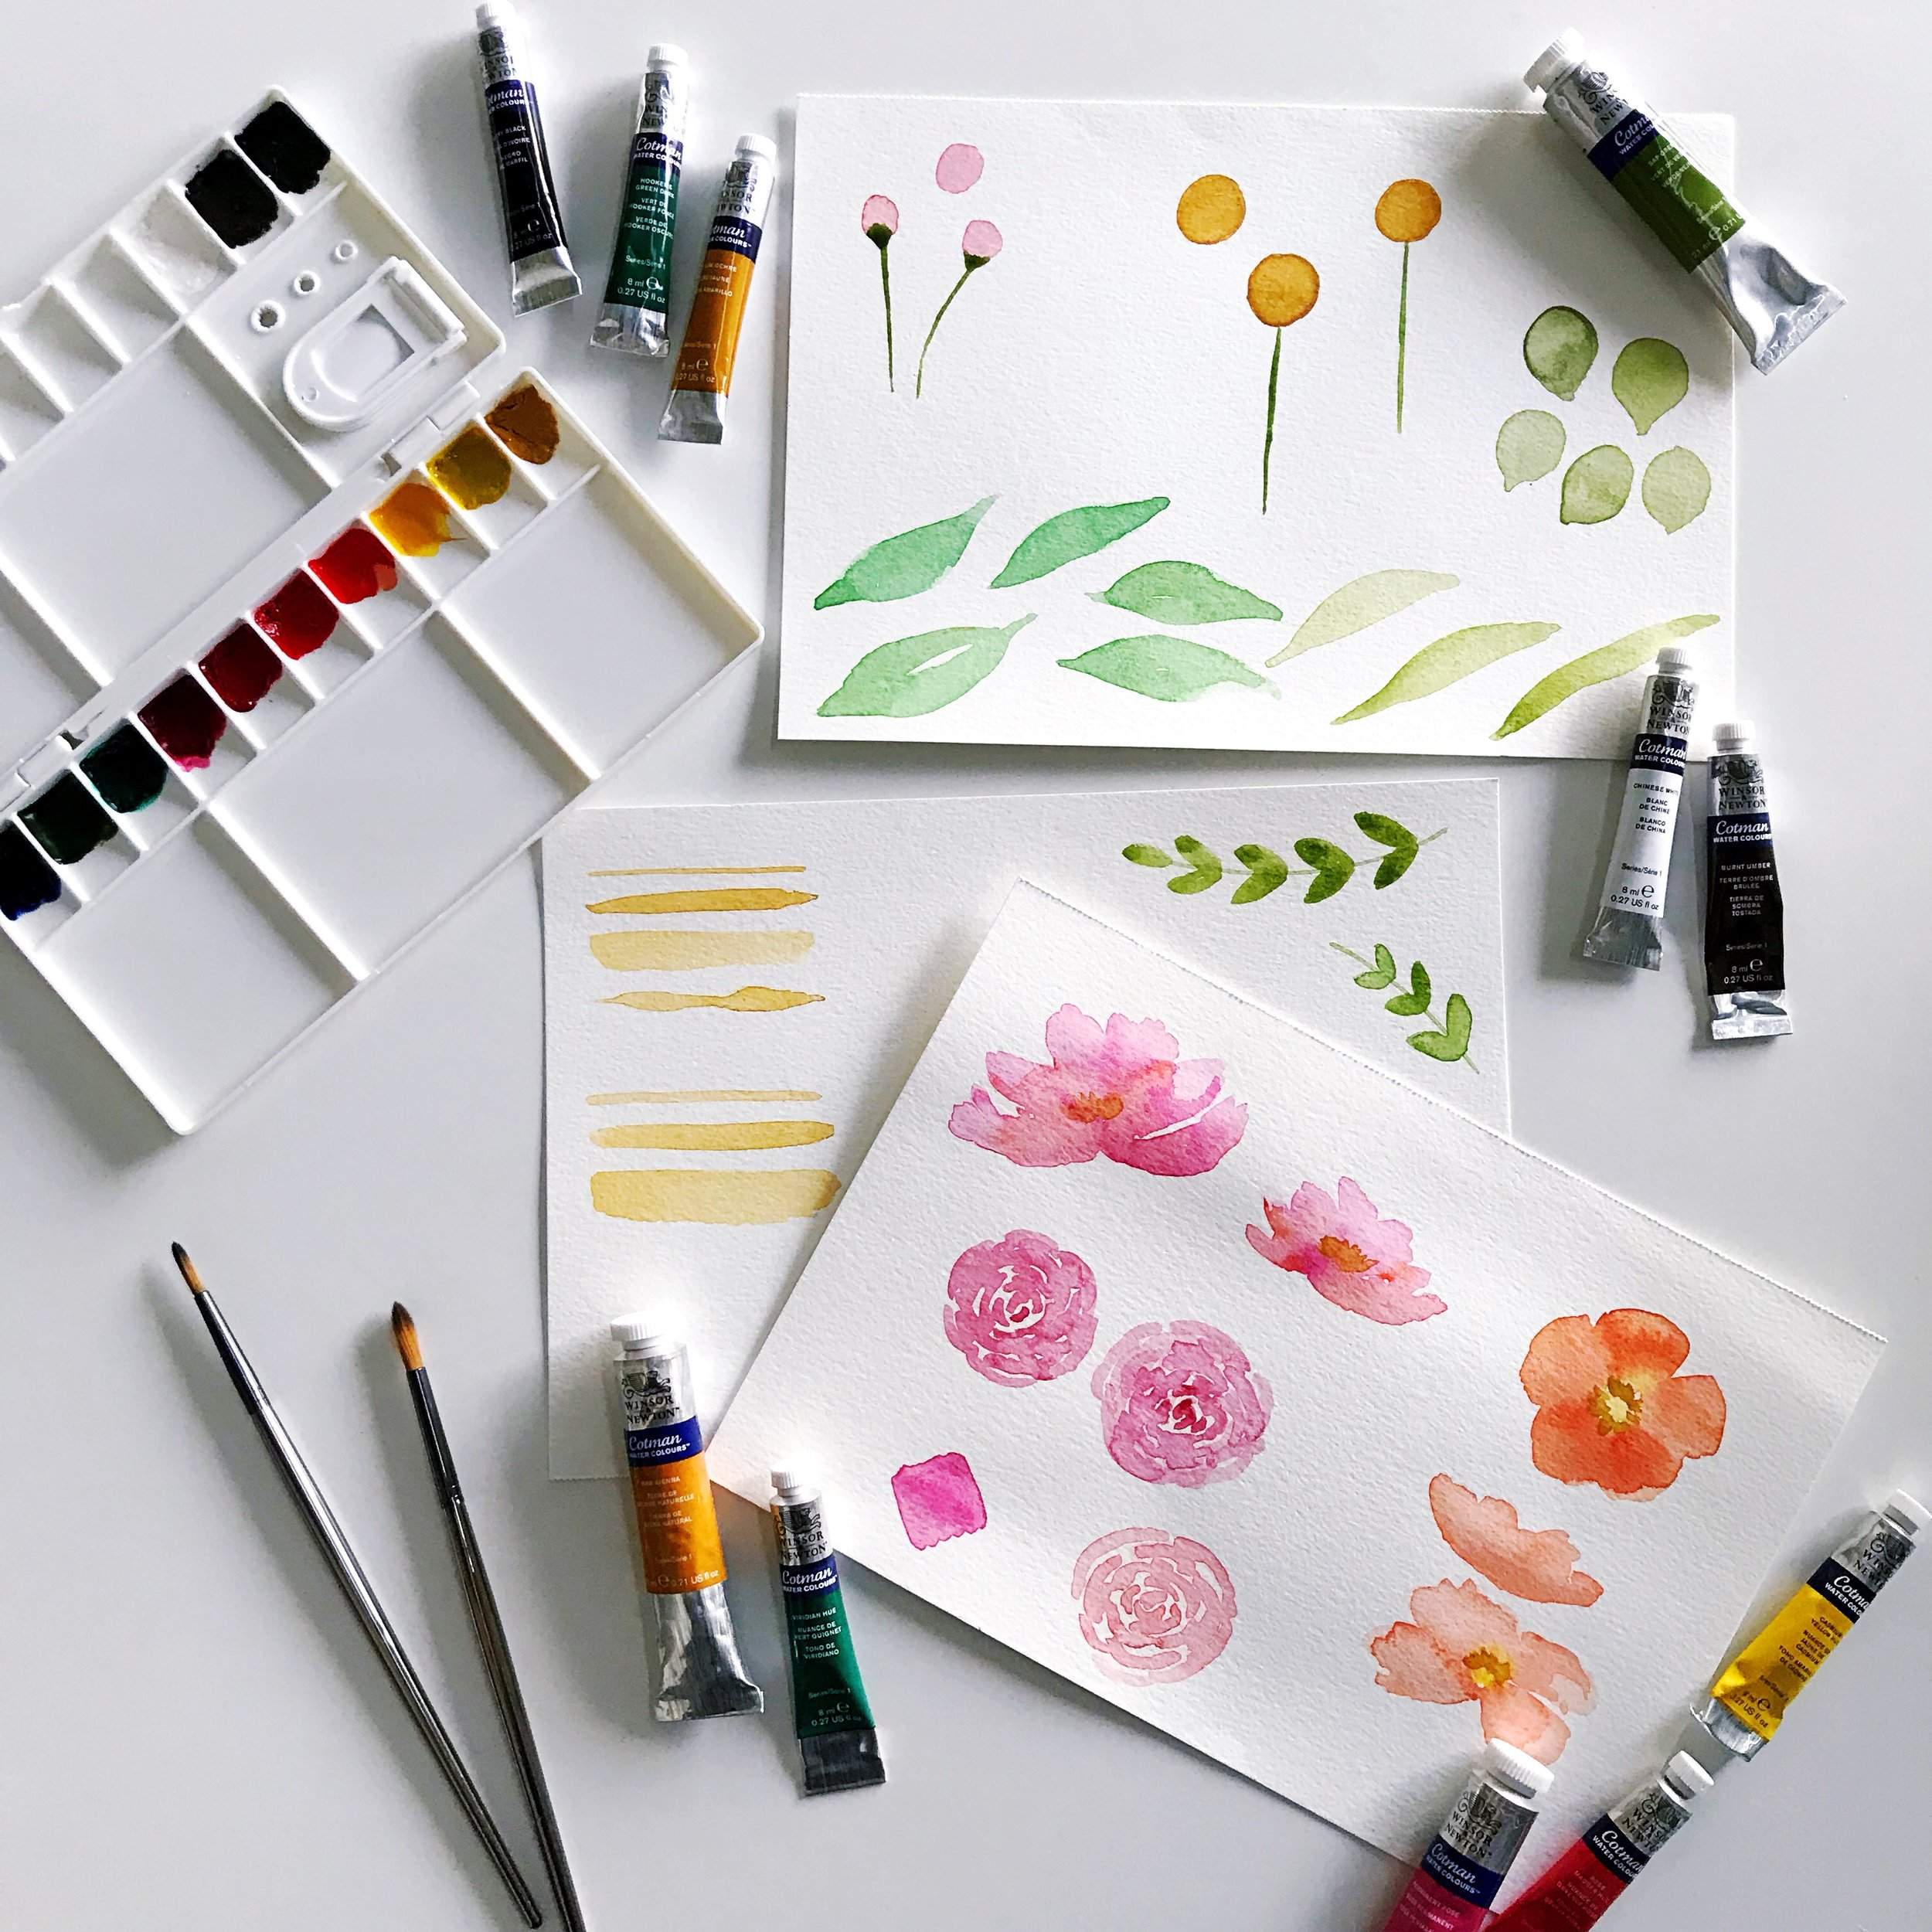 papercraftpantry-workshops-watercolorflowers-beginner.jpg